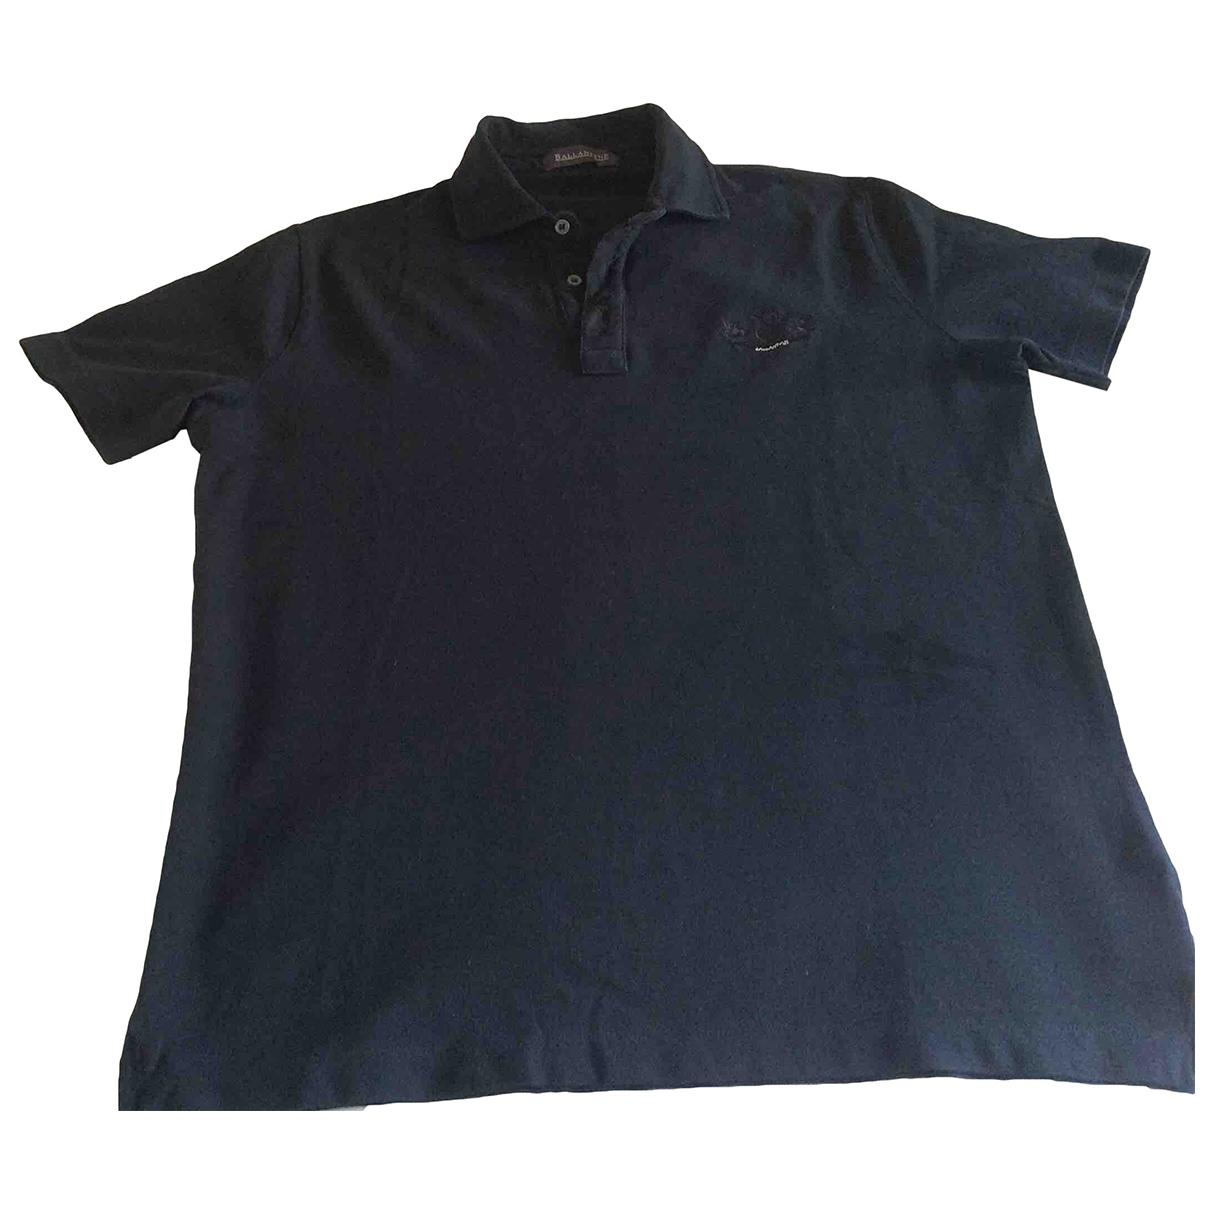 Ballantyne - Polos   pour homme en coton - noir